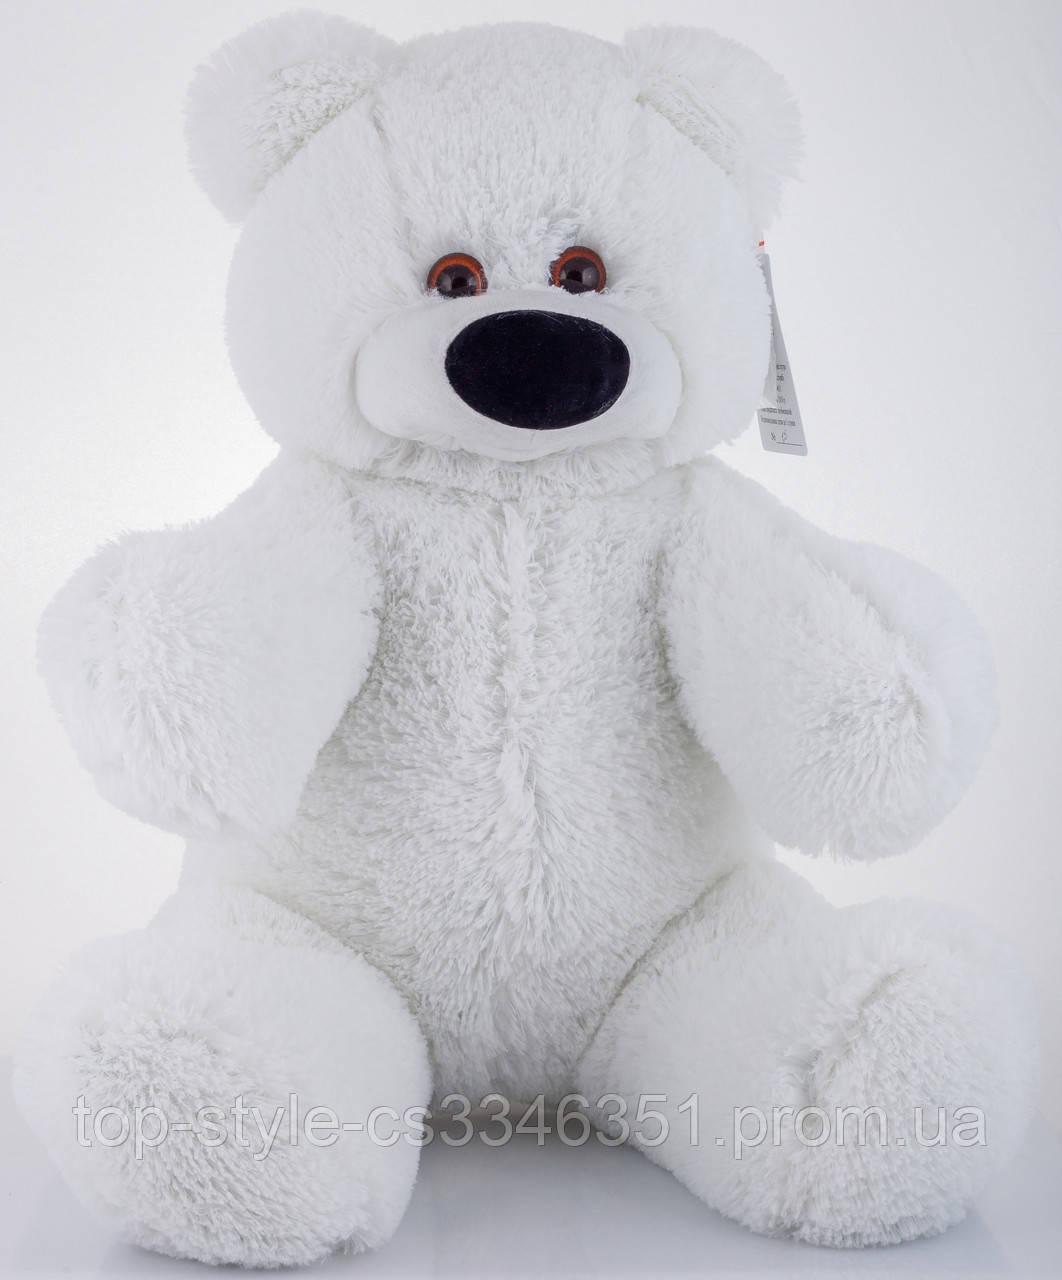 Мягкая игрушка мишка Алина Бублик 70 см белый